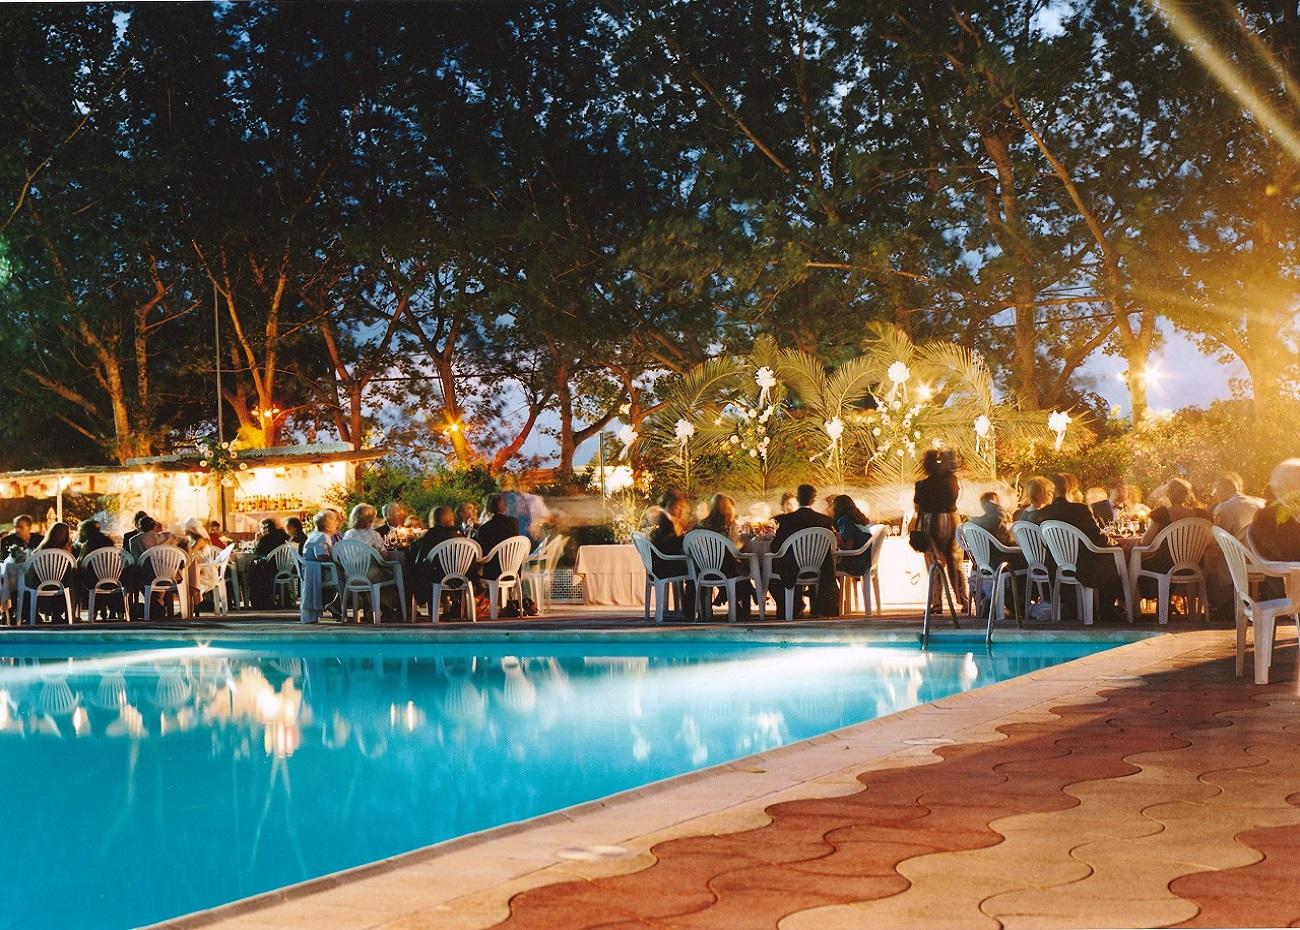 piscina en la pobla de Farnals - - anochecer